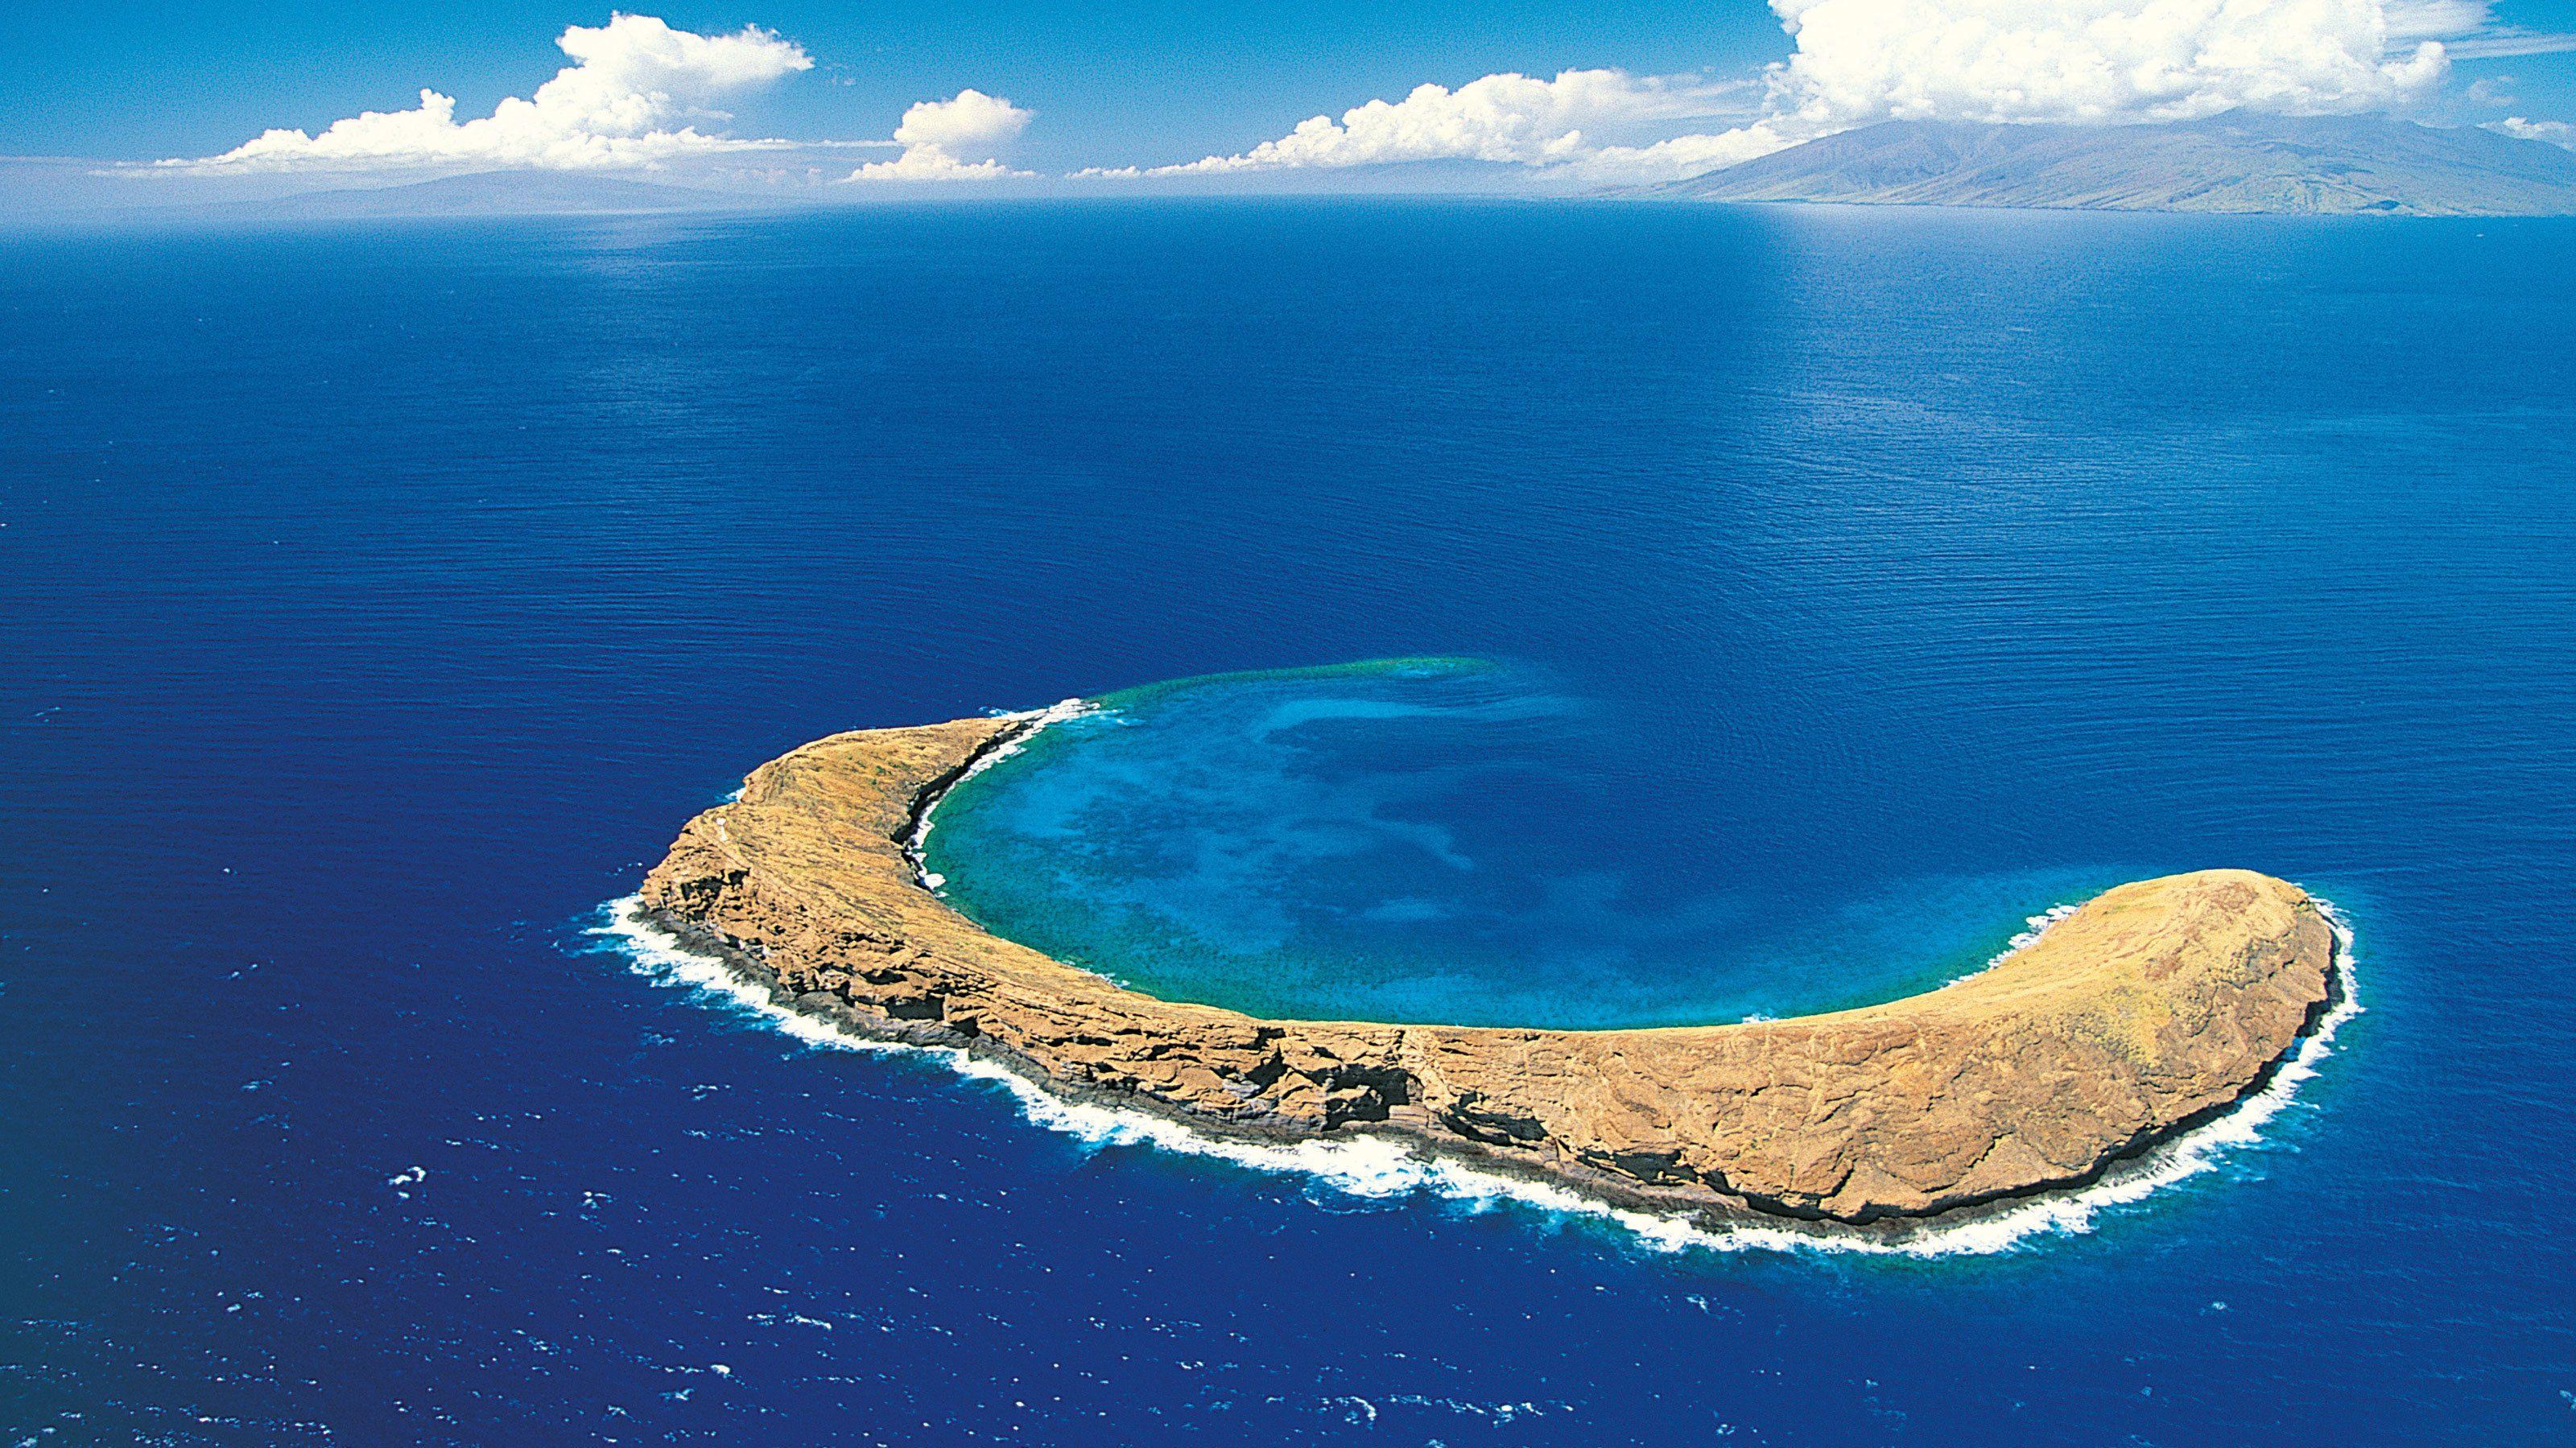 Crescent shaped sand bar near Maui